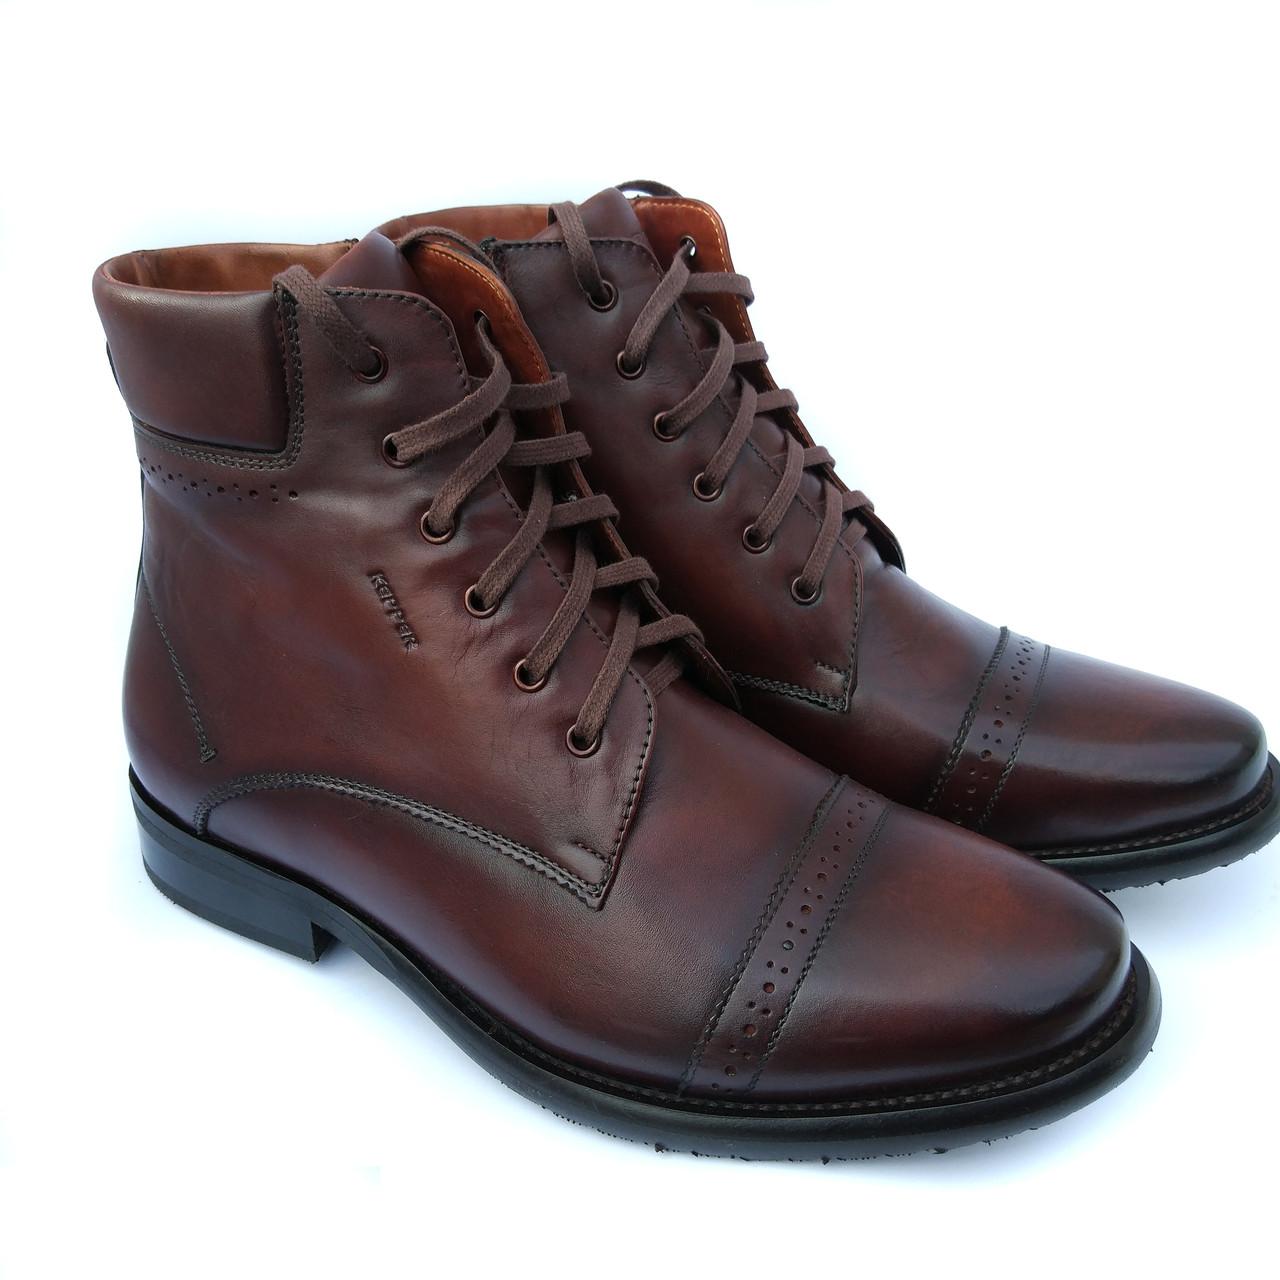 4155b8b39 Зимние высокие классические мужские бордовые ботинки на натуральном меху от  фабрики Kepper Бровары Киев